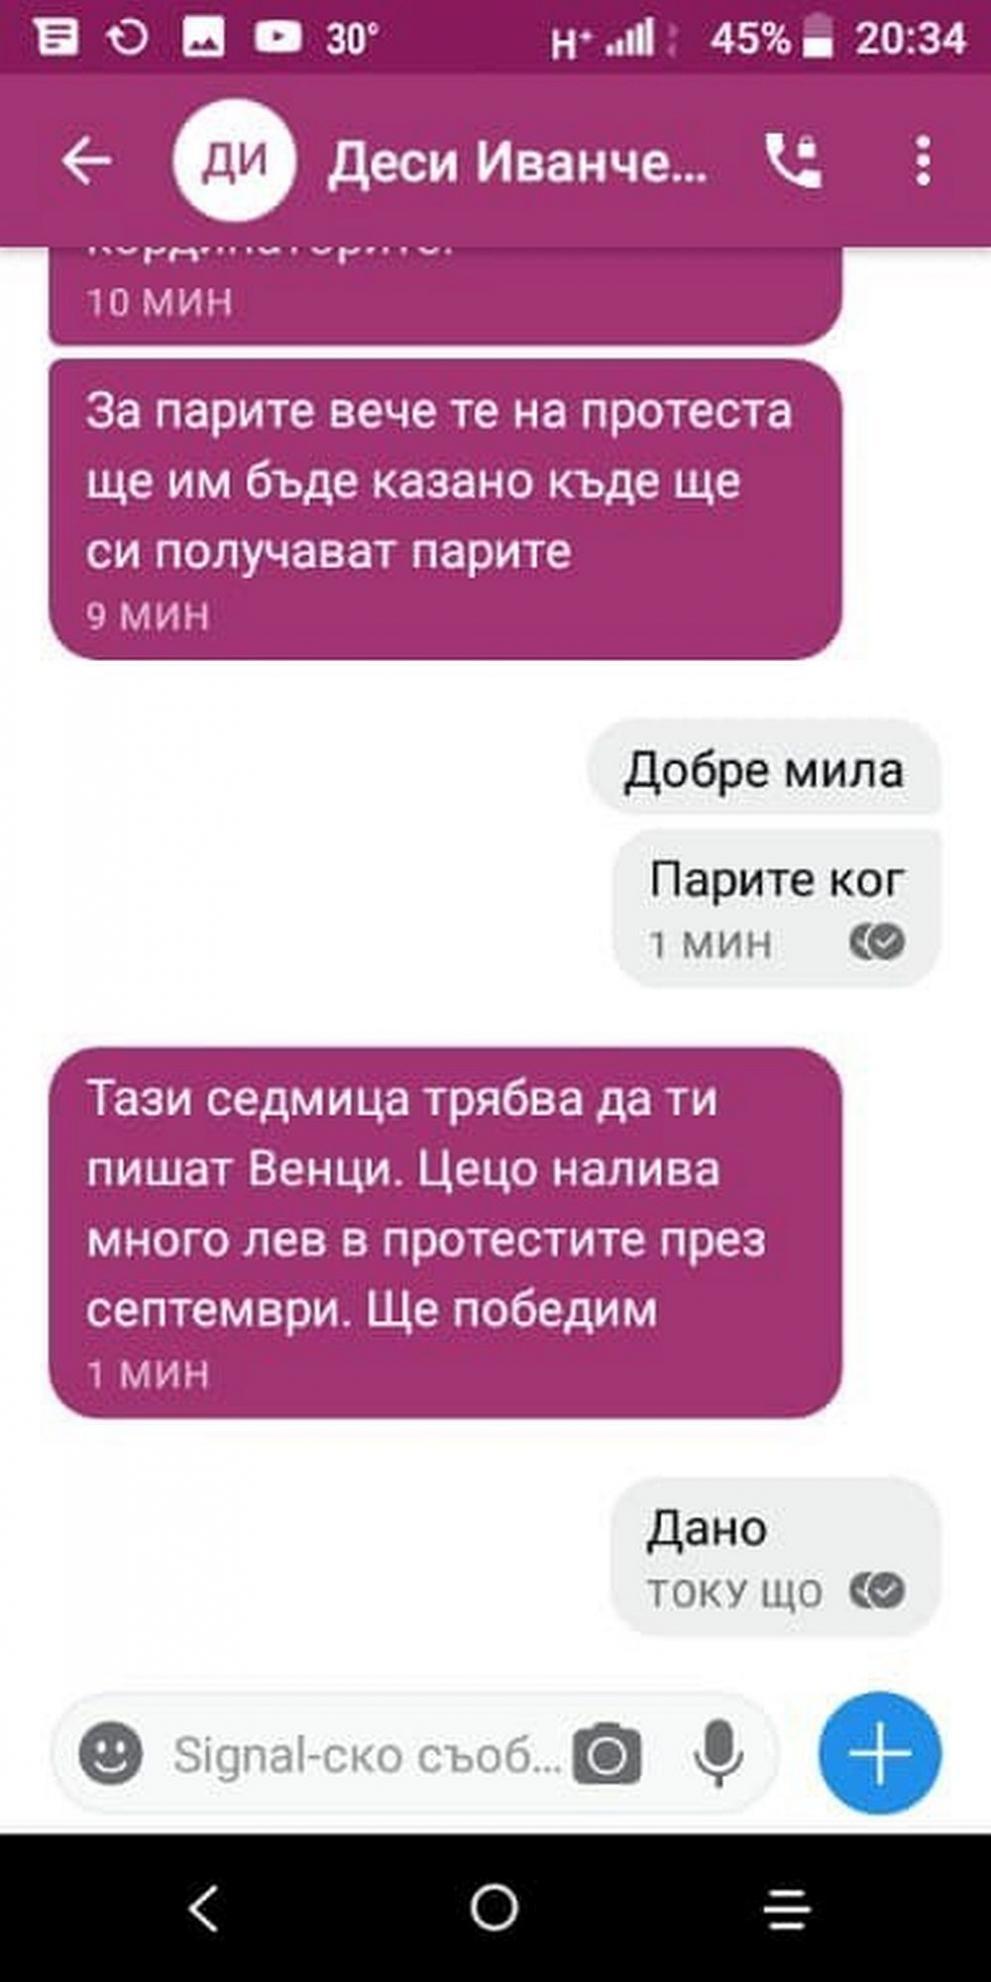 чатове Иванчева